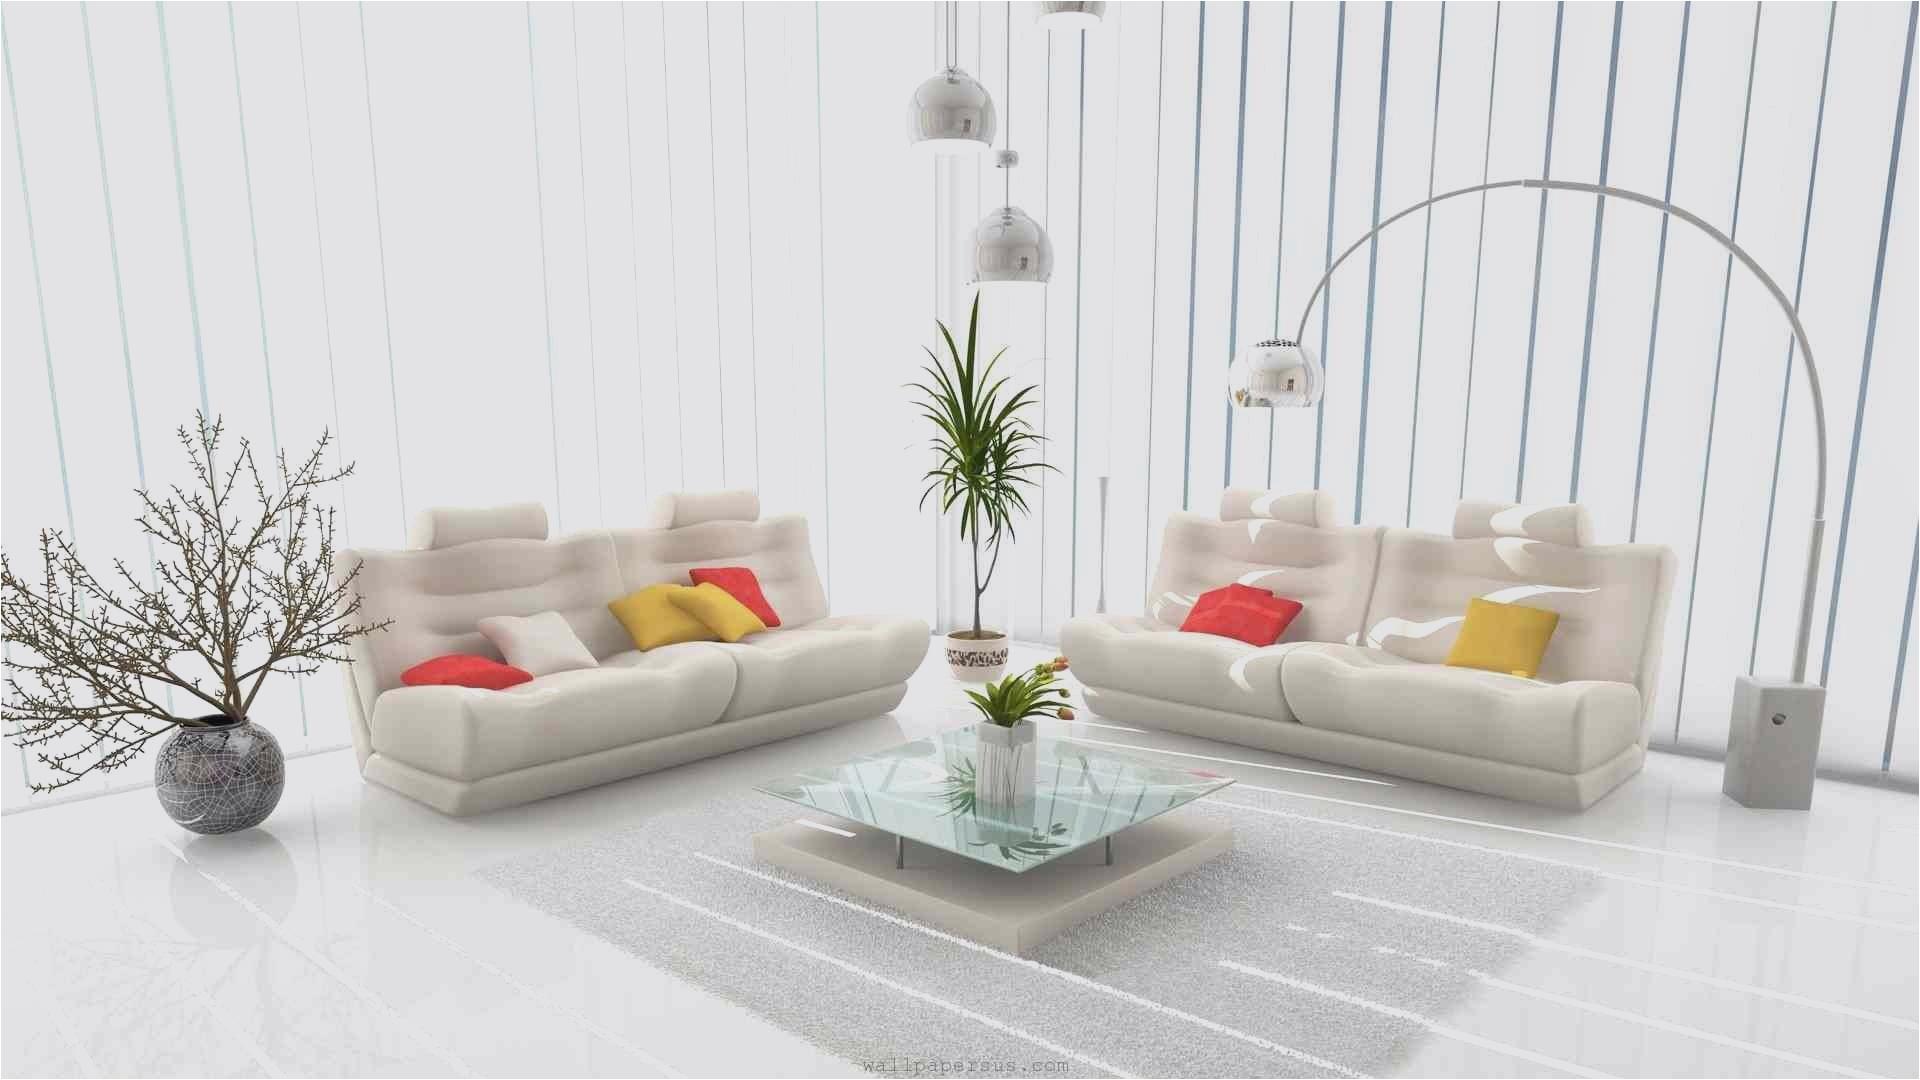 Canapé Romy Conforama Nouveau Photographie Impressionné Table Basse Laquée Blanc